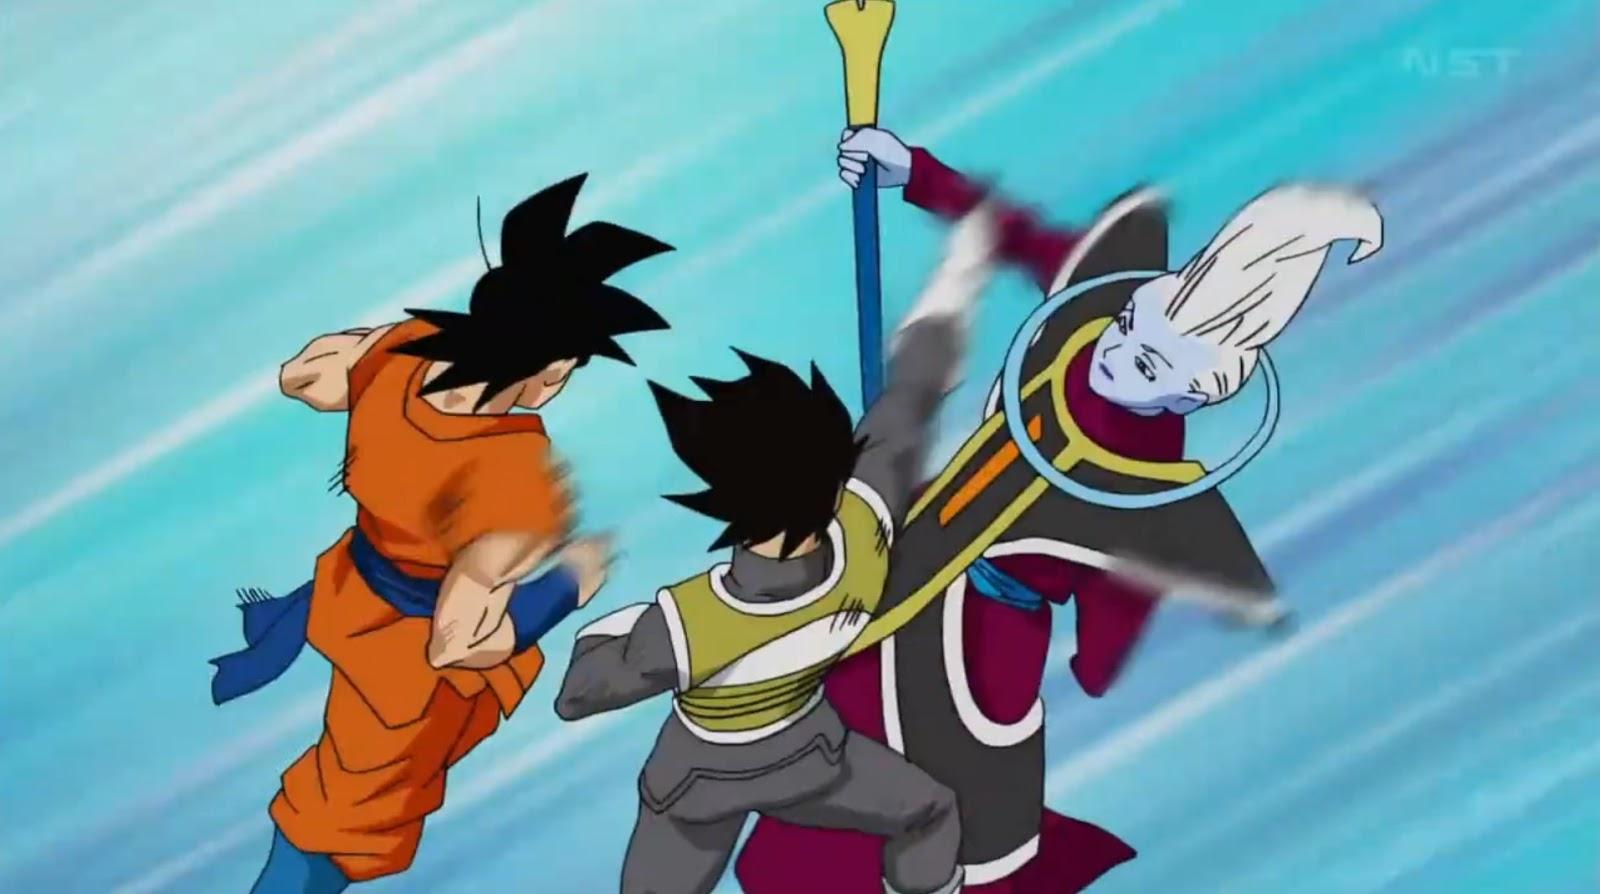 Dragon Ball Super: Episódio 18 – Eu também cheguei! Começa o treinamento no Planeta do bills!